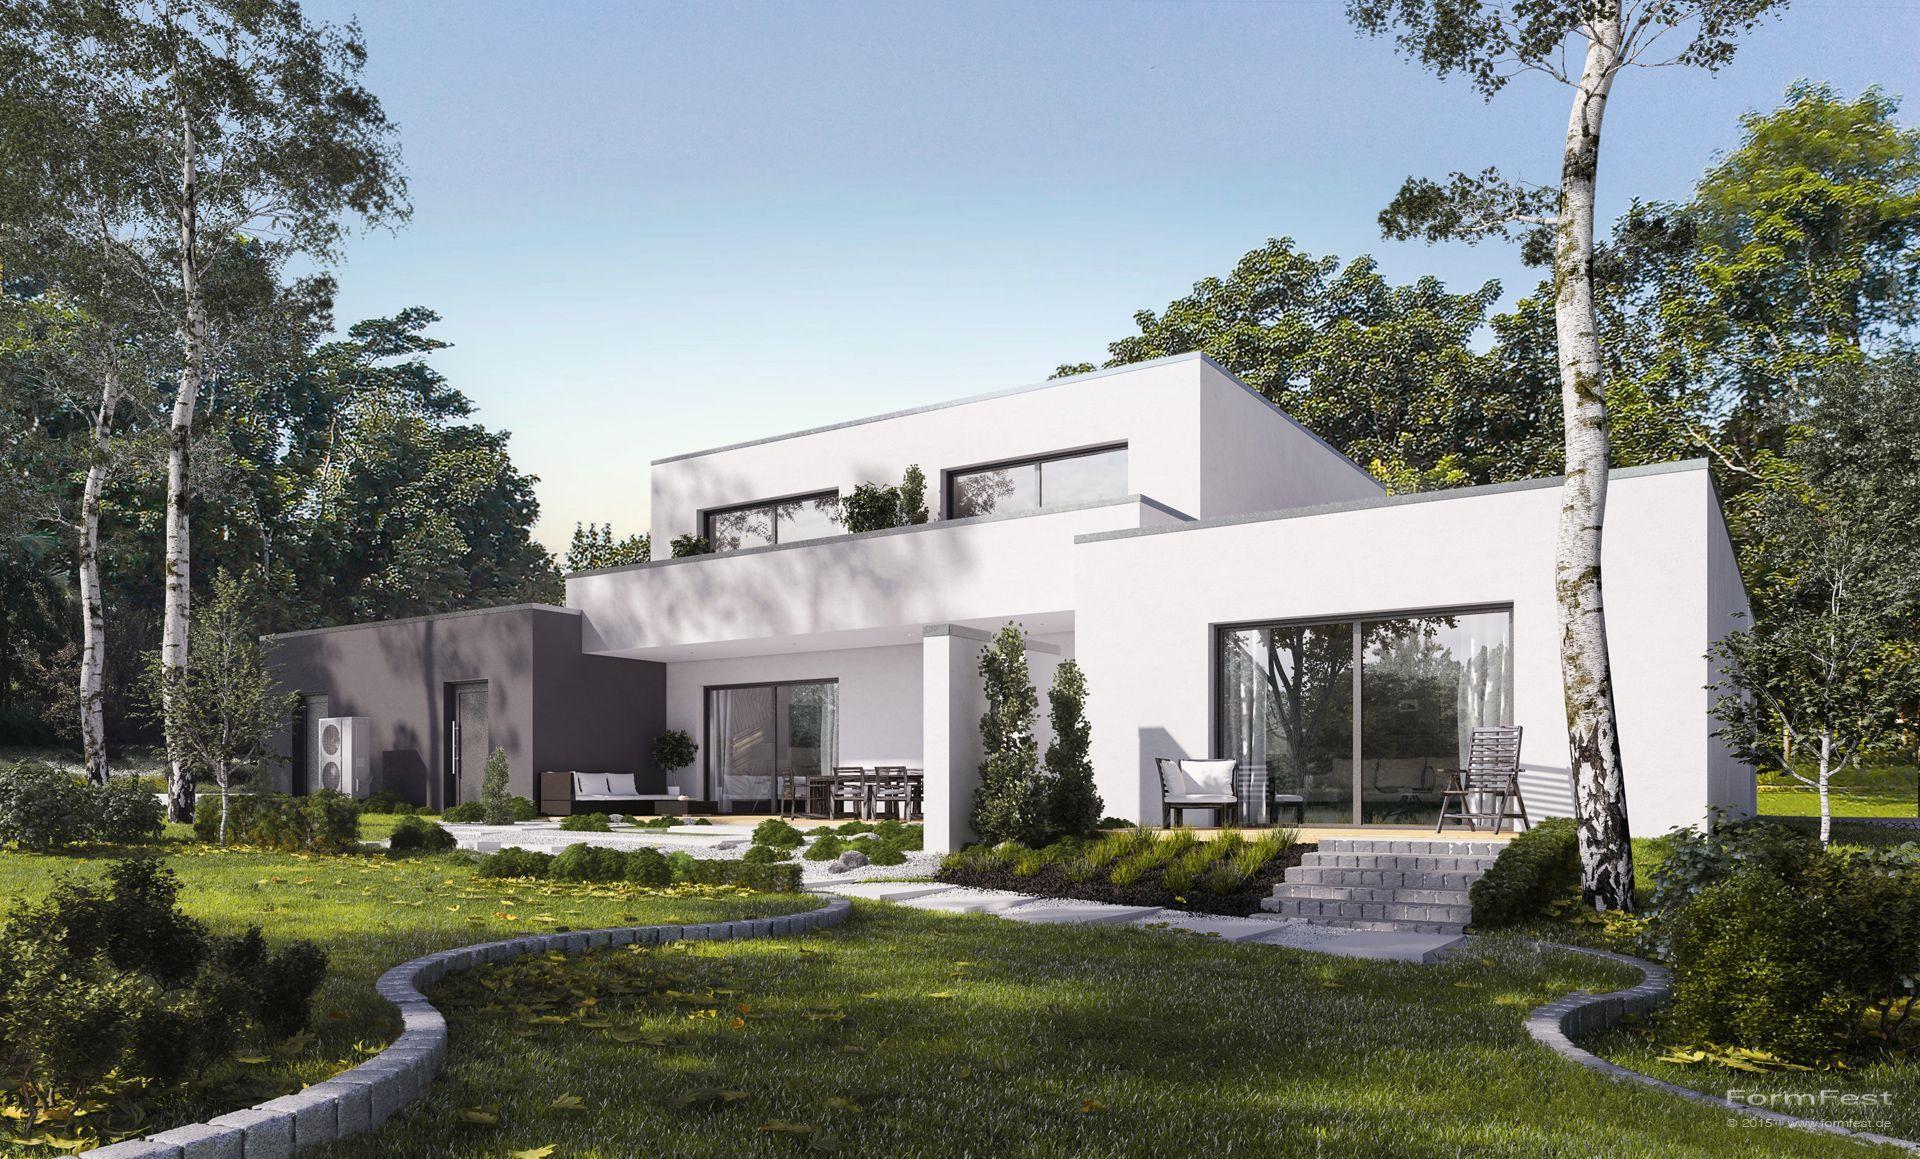 Verführerisch Moderne Einfamilienhäuser Referenz Von Einfamilienhäuser | Formfest